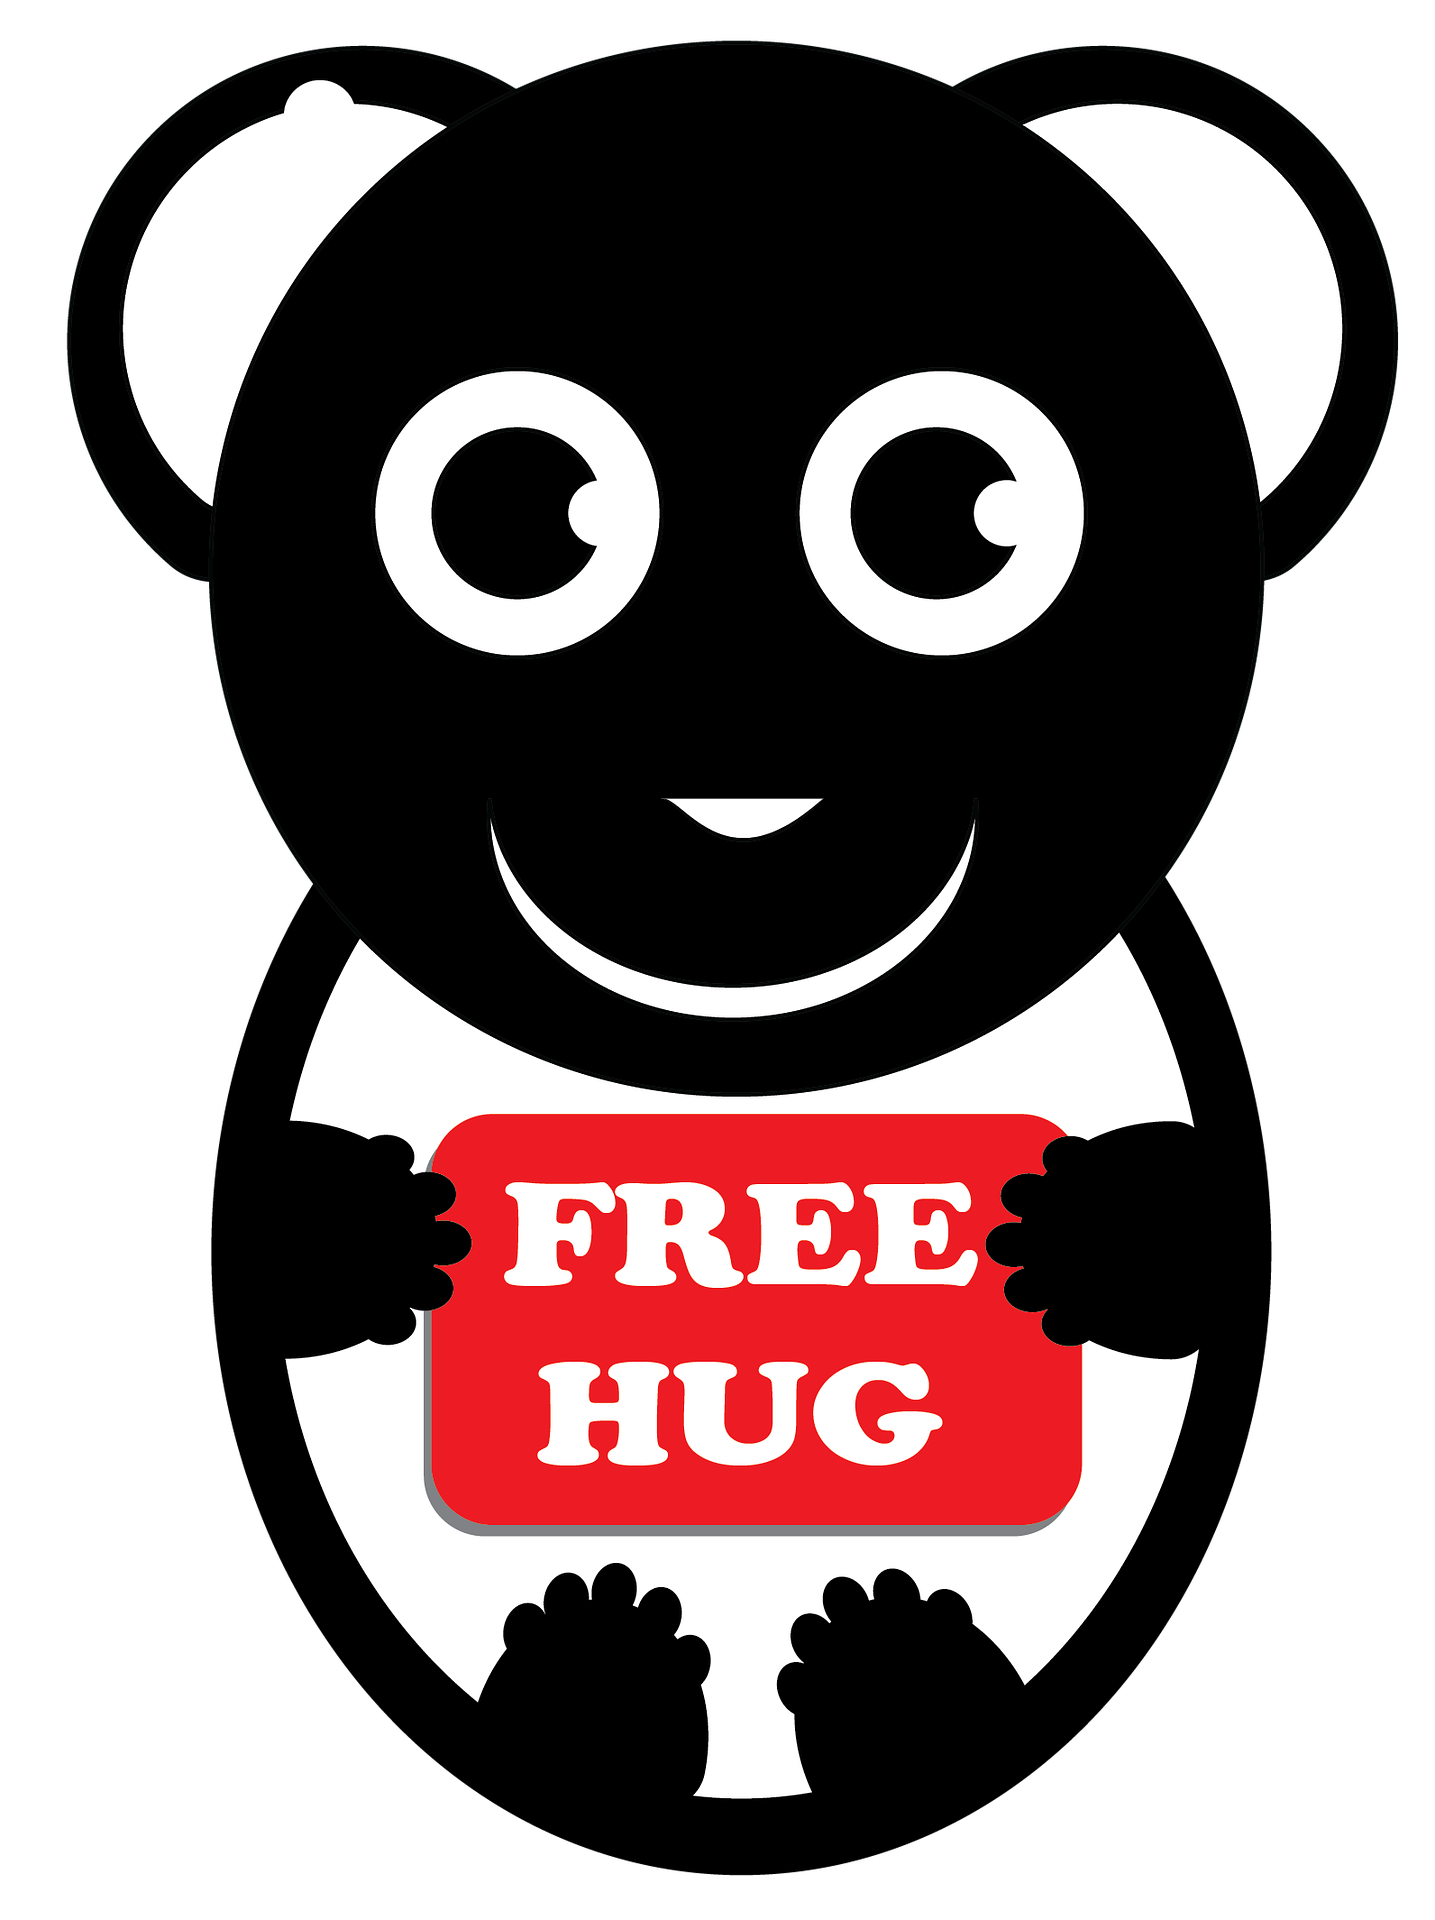 Hug clipart virtual. Digital hugs from pari